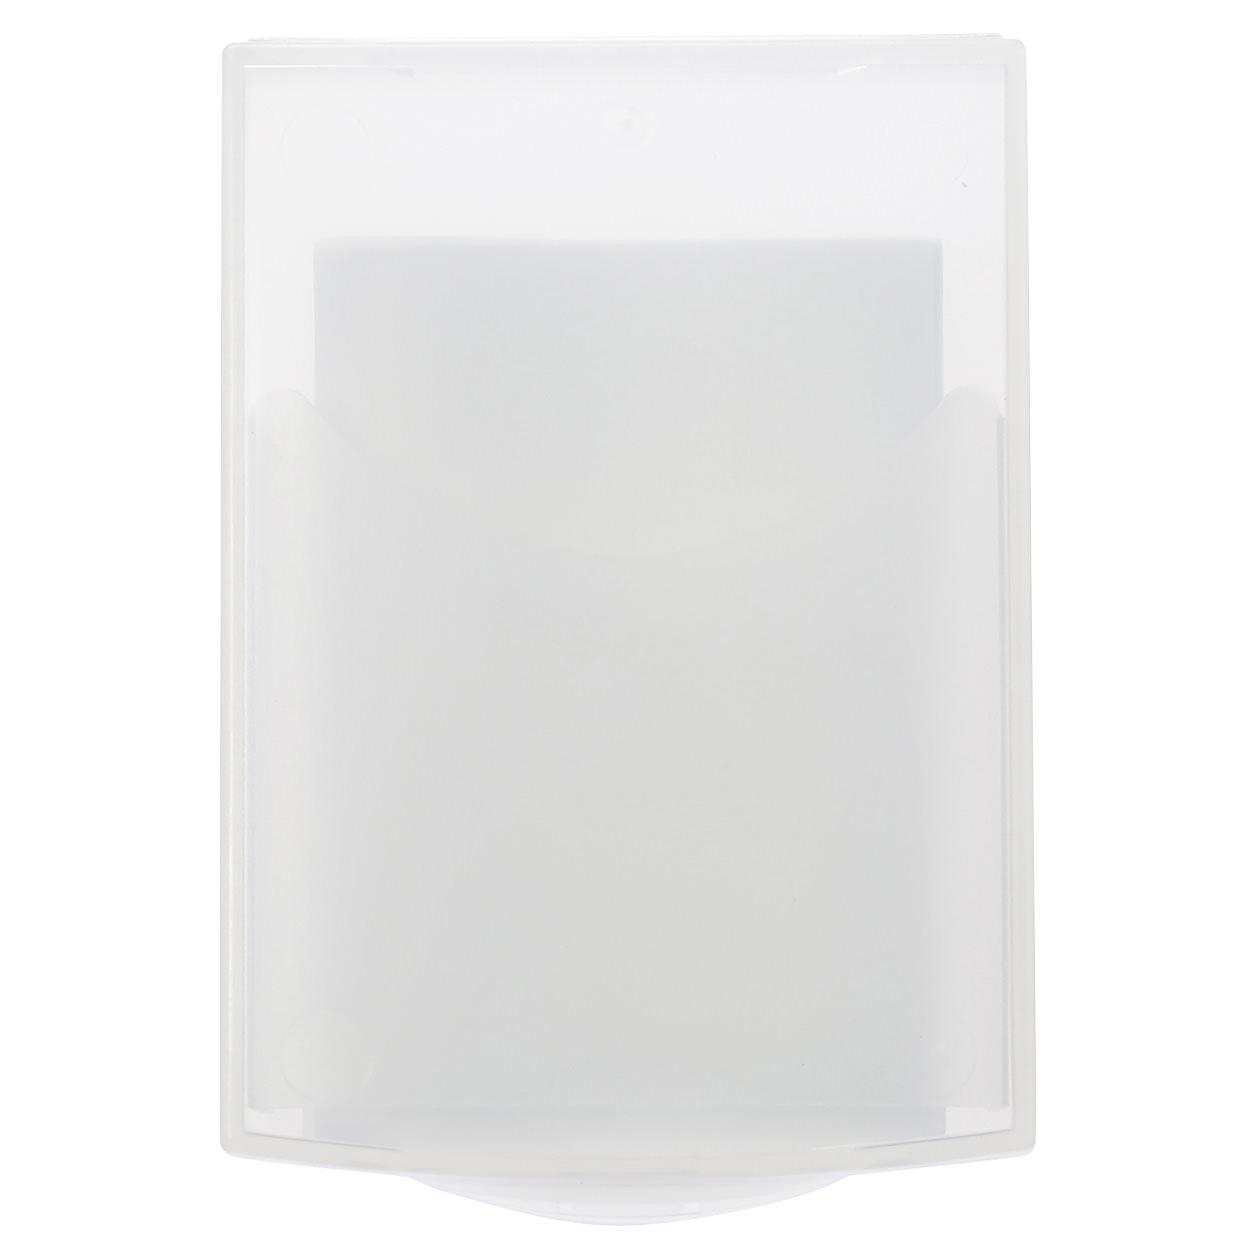 Нештемпелеванный ичибан MUJI фильм туалетное мыло